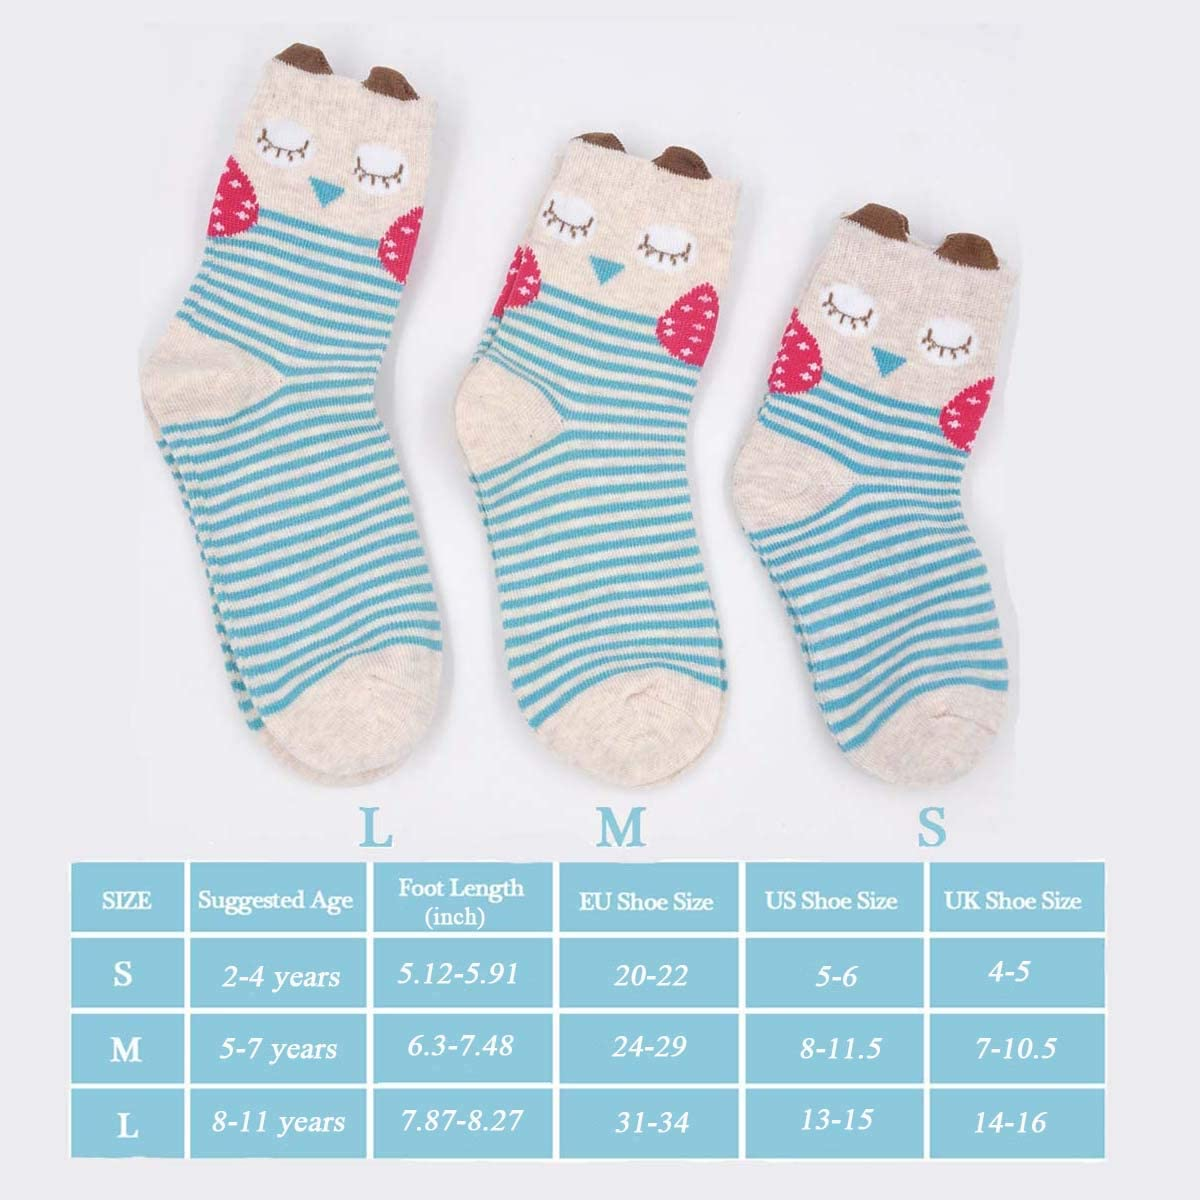 Girls Cotton Ankle Socks Kids Toddler Infant Girls Anti-slip Novelty Cute Cat Animal Funny Socks 5 Pairs